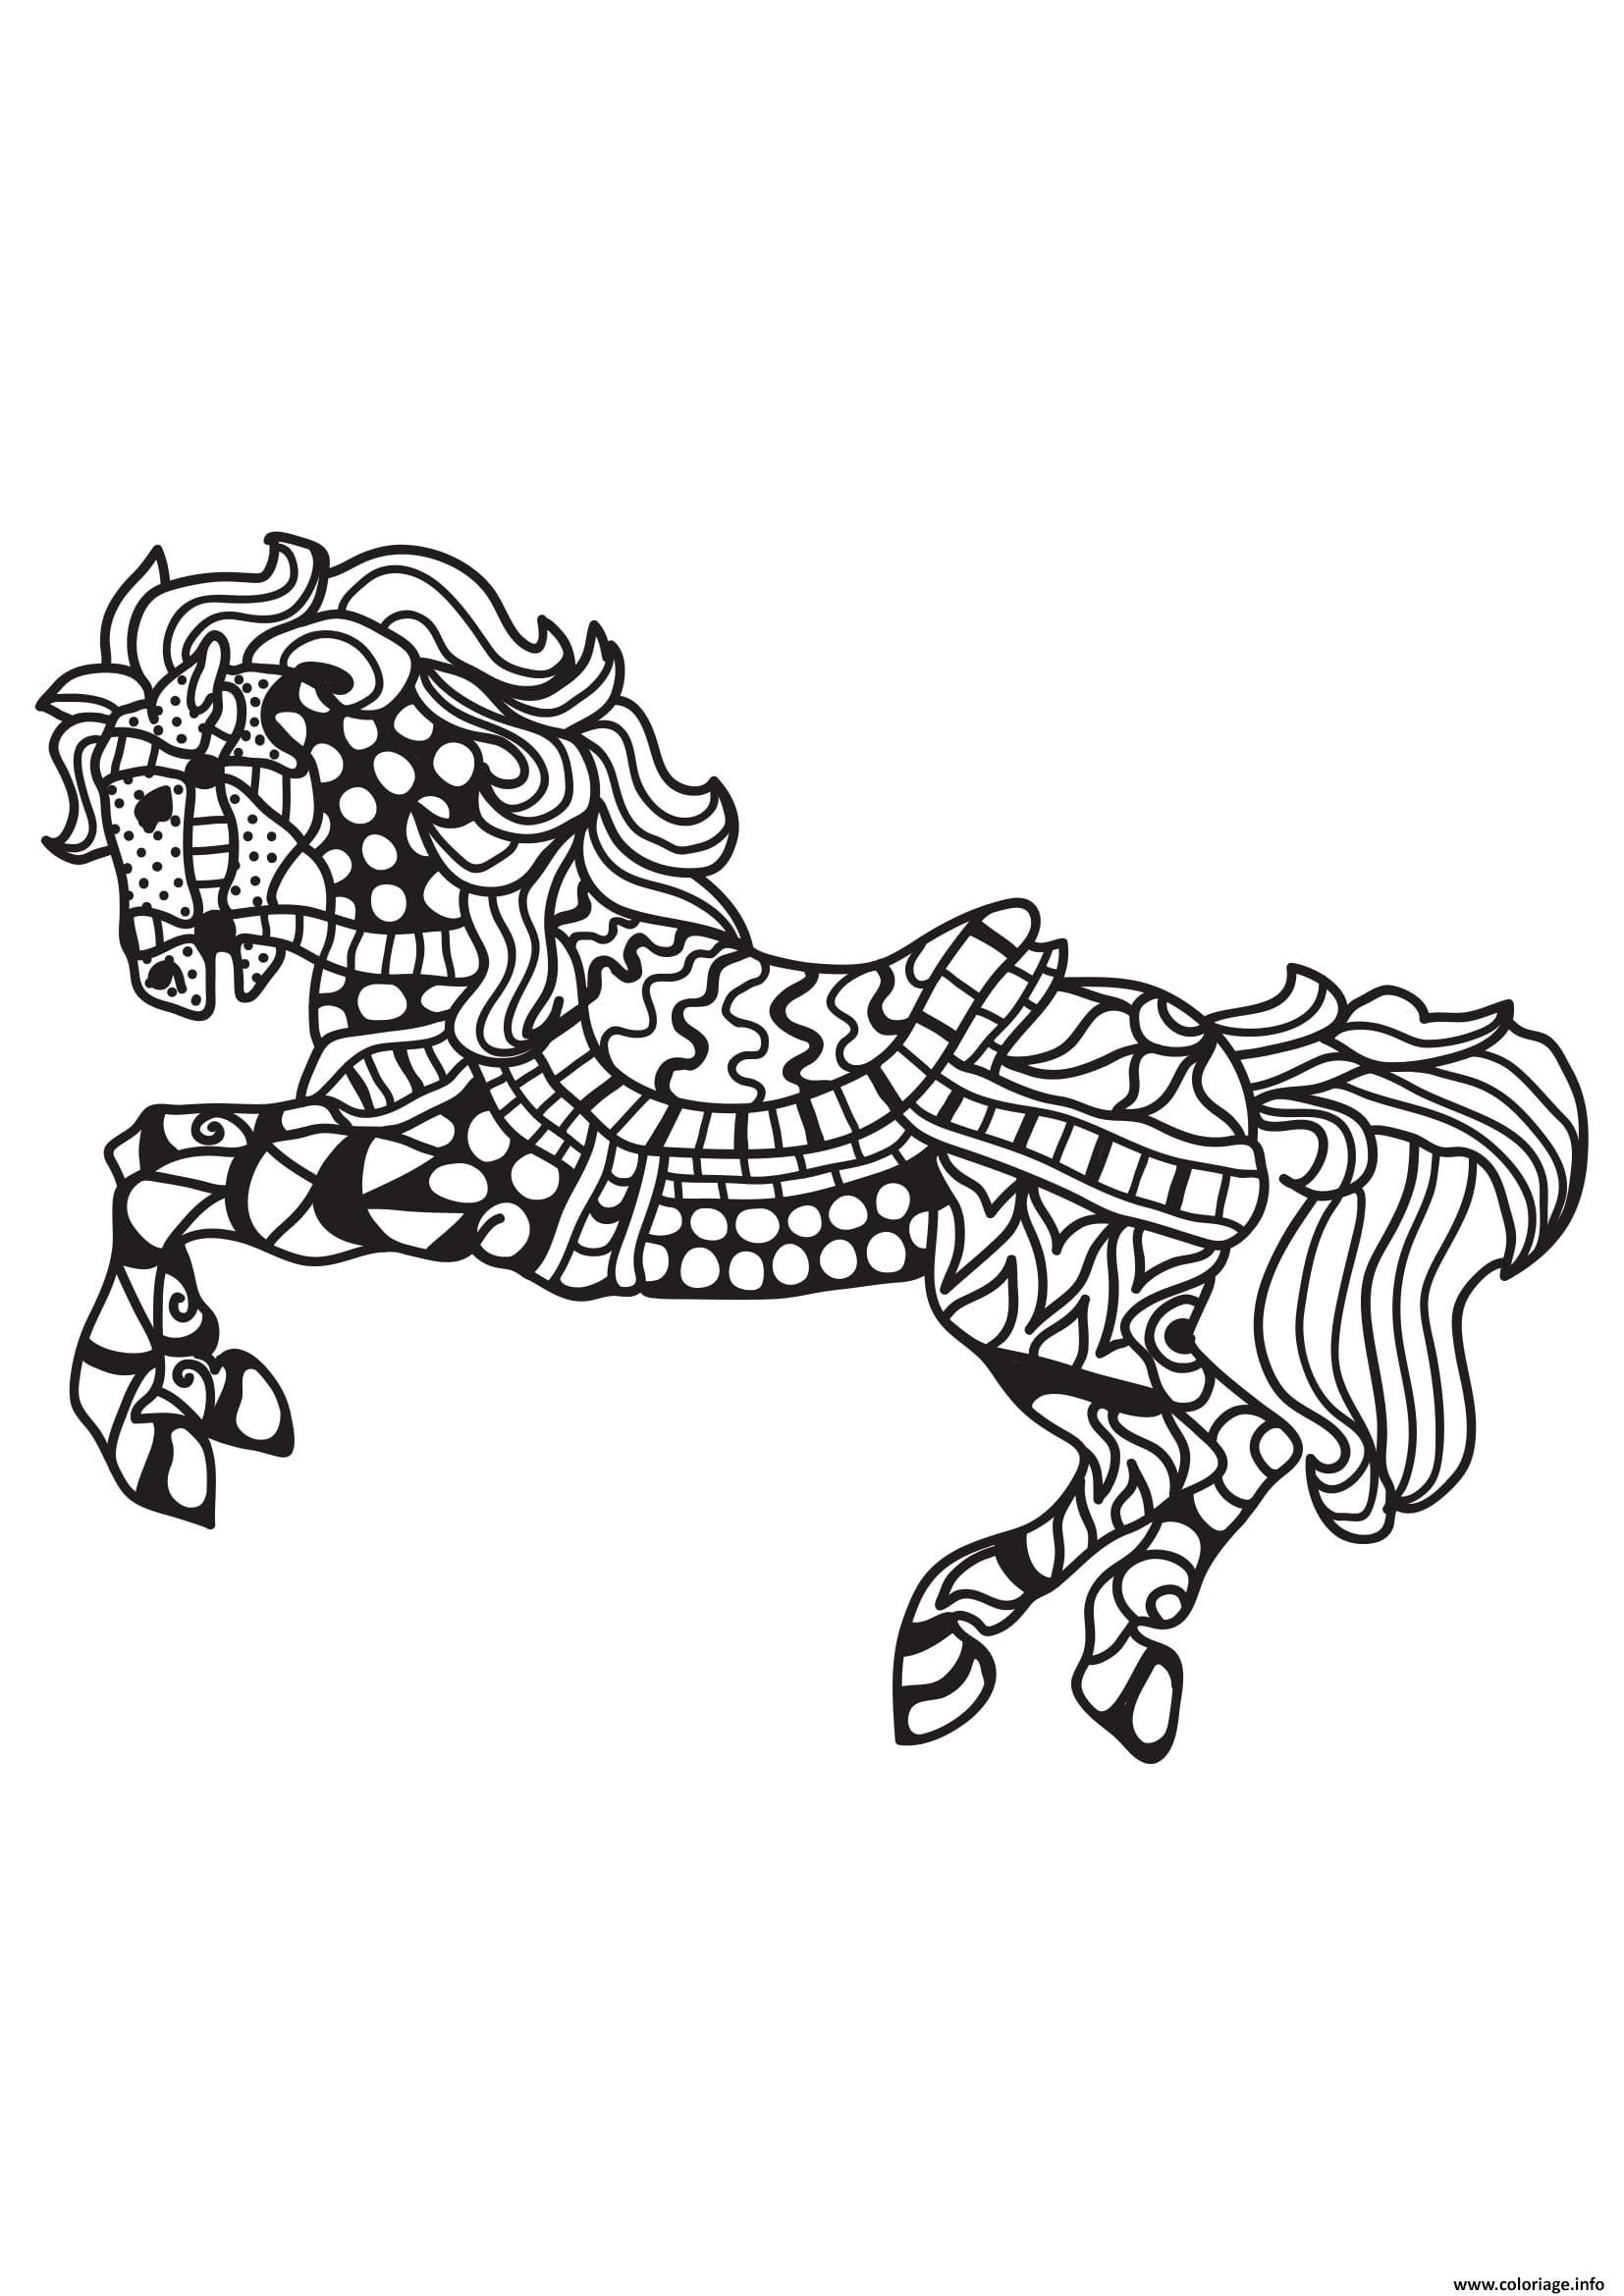 Dessin adulte cheval mandala 3 Coloriage Gratuit à Imprimer